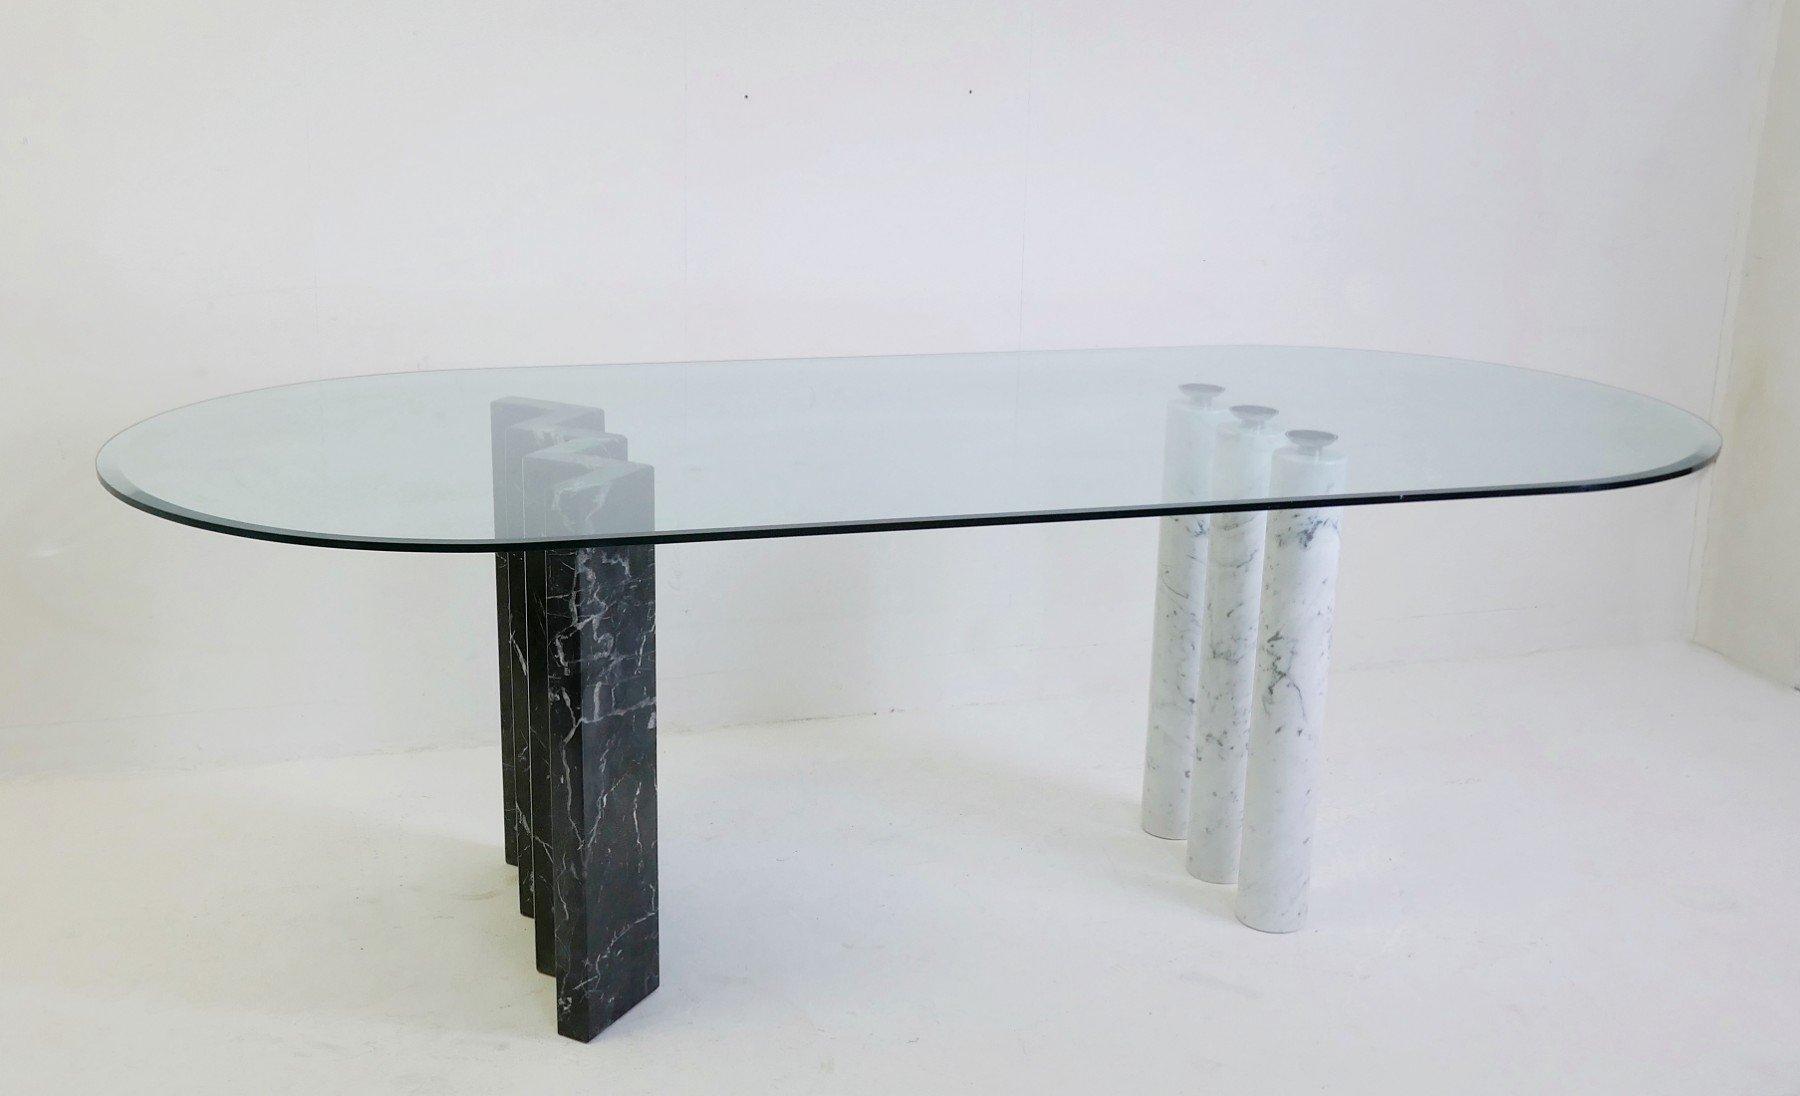 Table de salle manger noire et blanche avec plateau en marbre verre 1970s en vente sur pamono - Table salle a manger plateau marbre ...